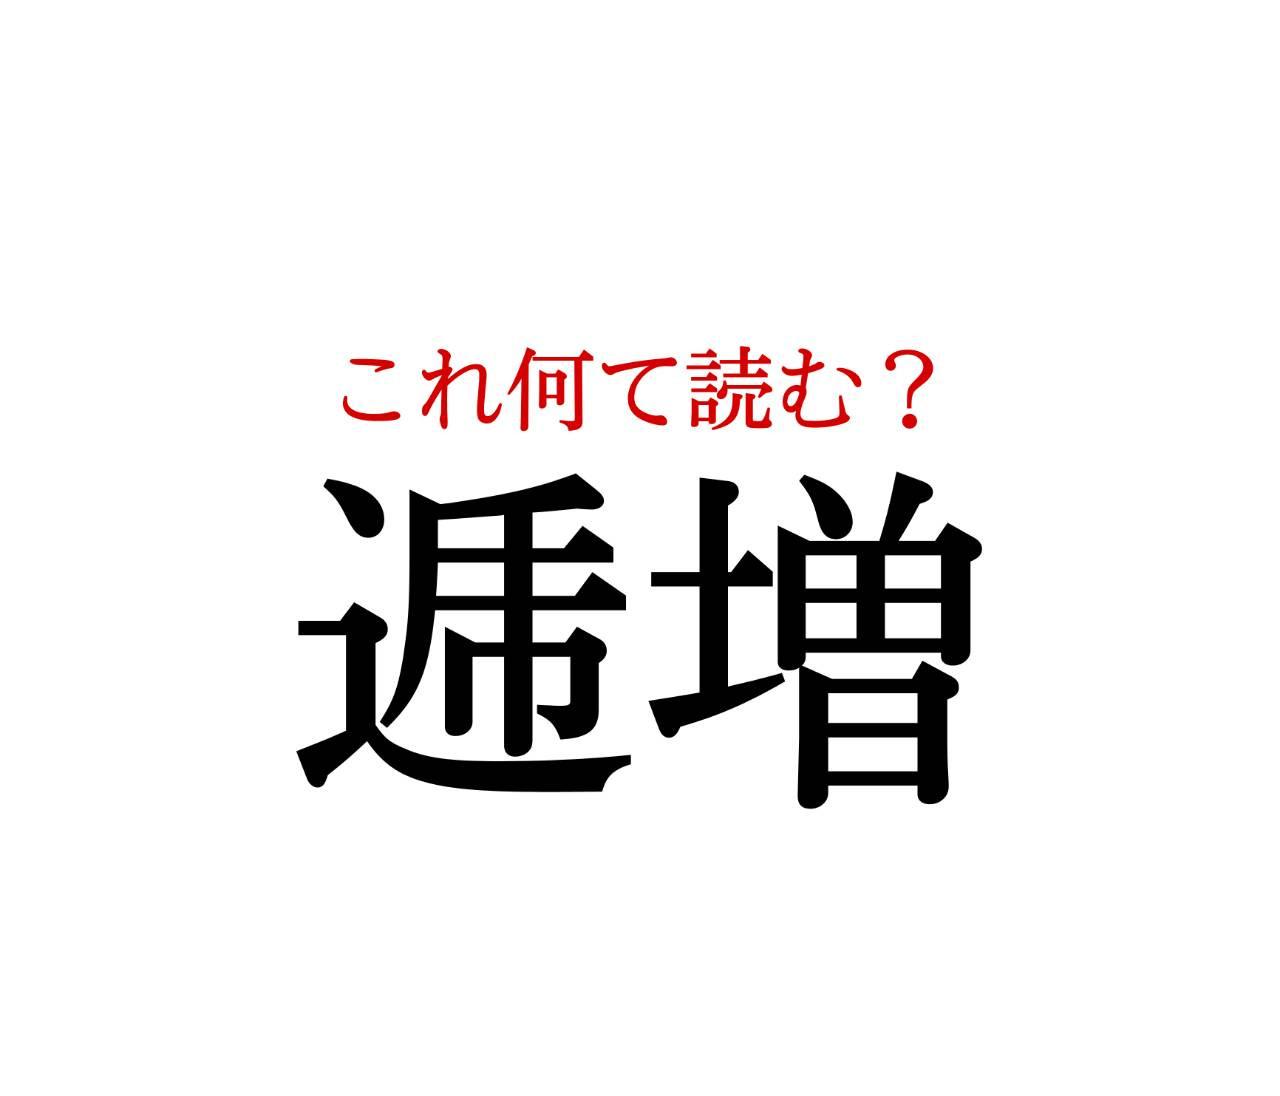 「逓増」:この漢字、自信を持って読めますか?【働く大人の漢字クイズvol.114】